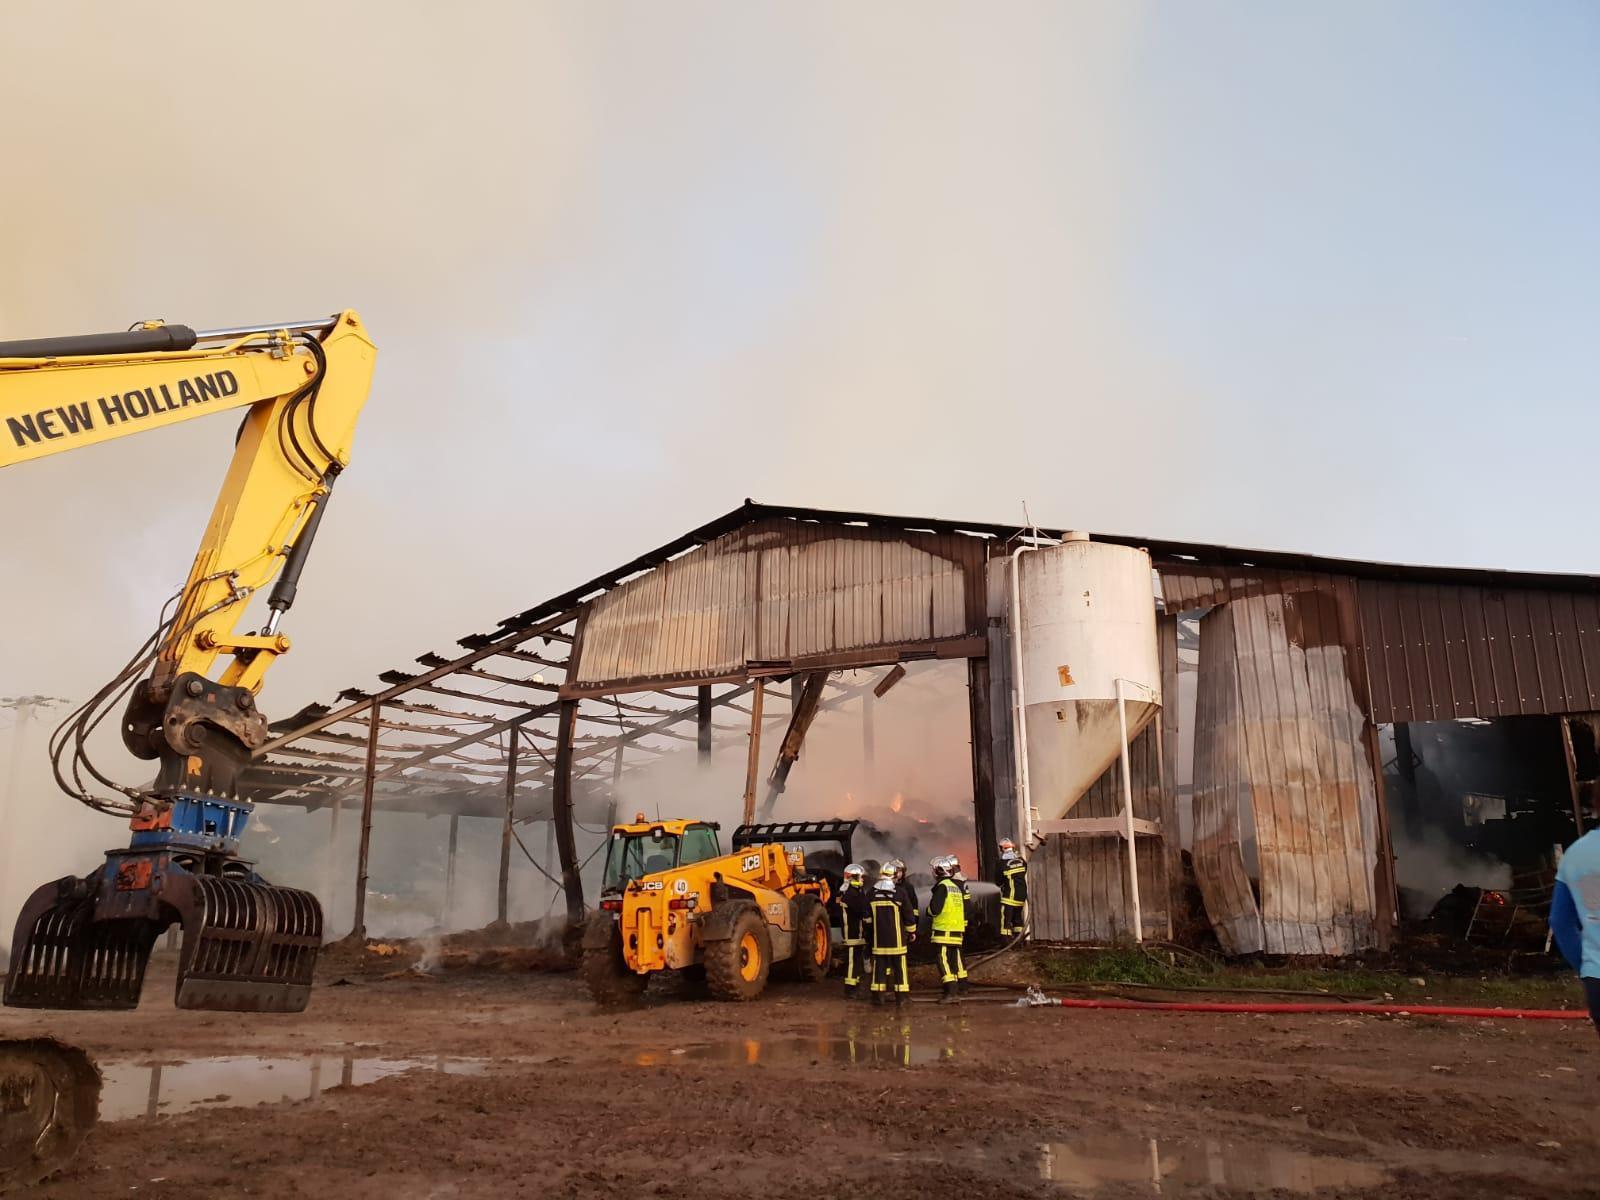 (VIDÉO & PHOTOS) Incendie d'un hangar à Scientrier: la fumée qui inquiète